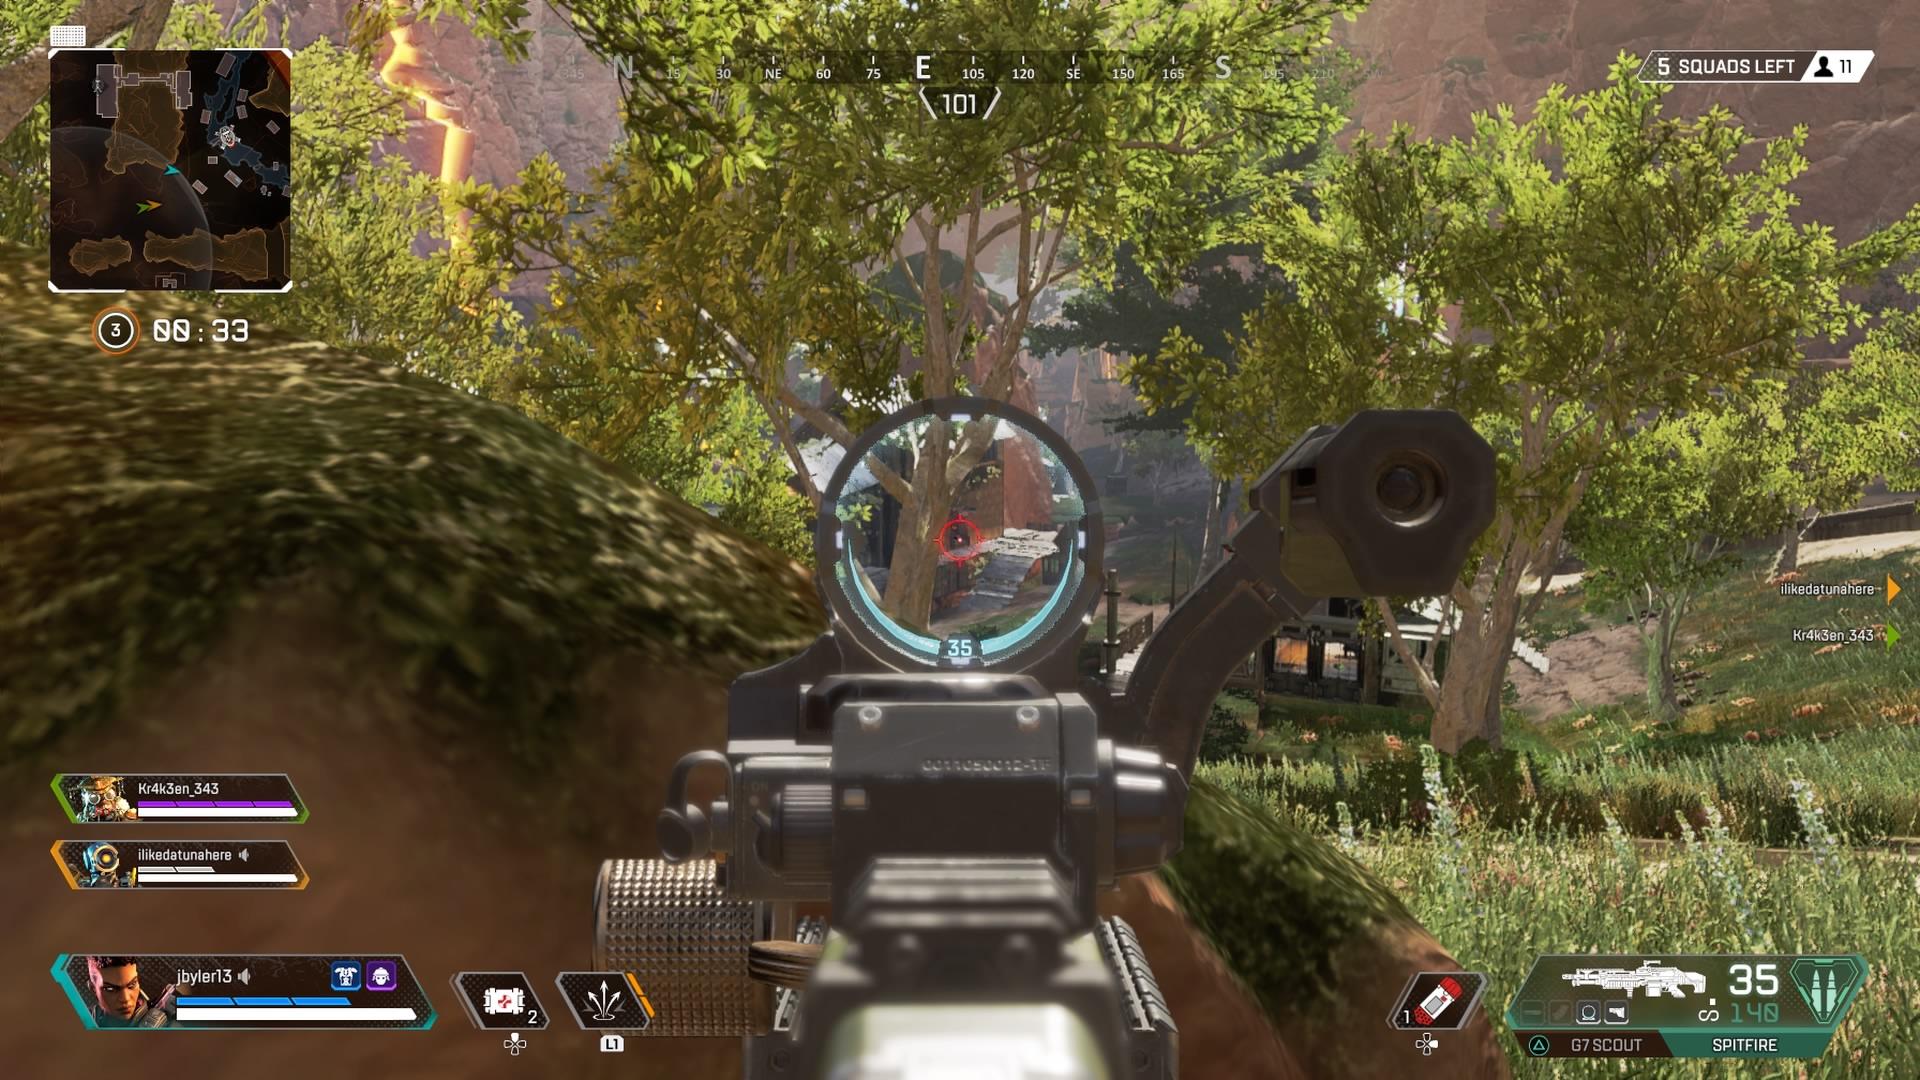 Apex Legends Screenshots